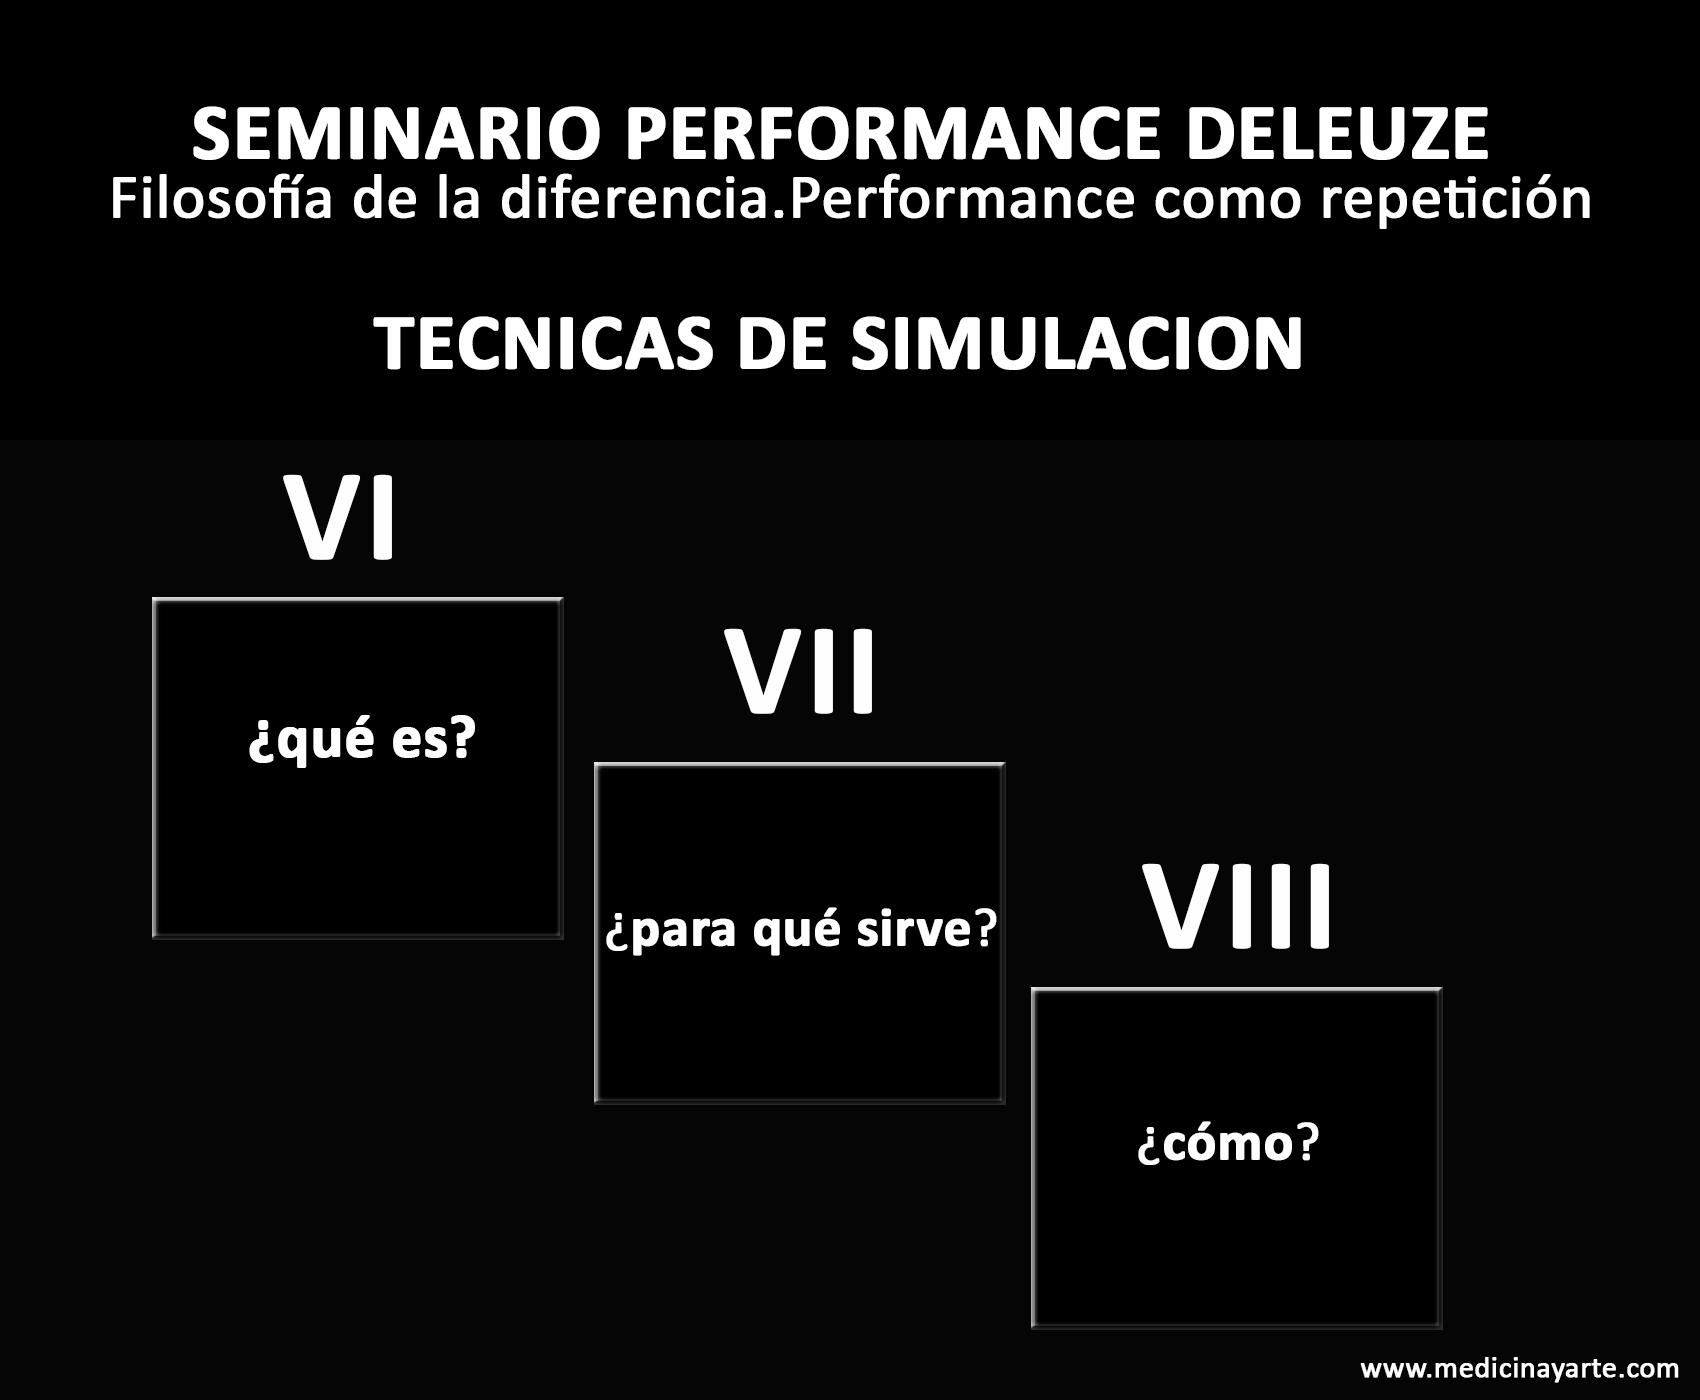 http://medicinayarte.com/img/afiche-tecnicas_de_simulacion_octubrev.jpg